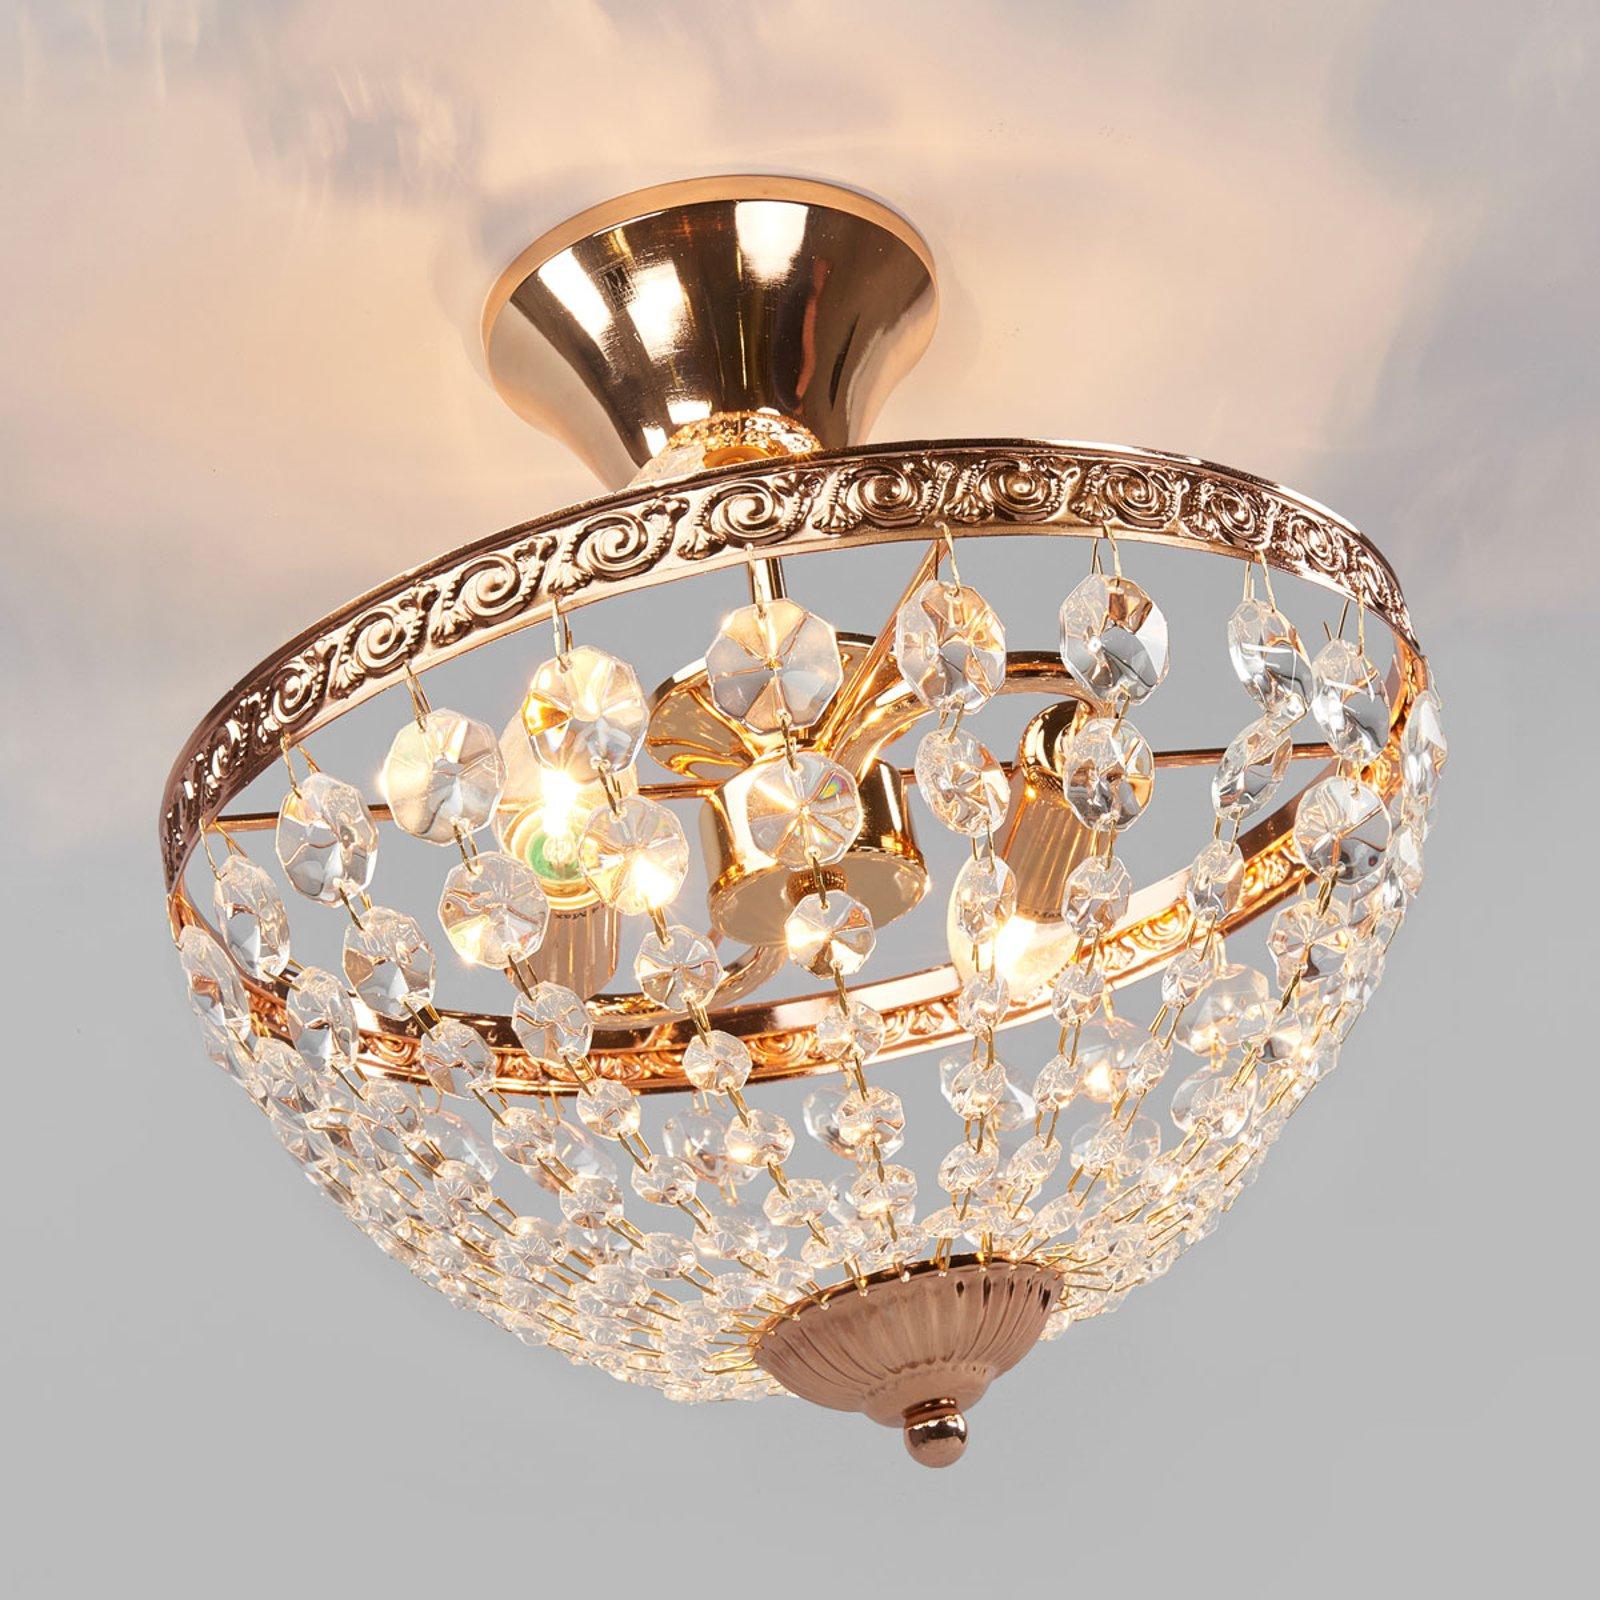 Dekorativt utformet taklampe Hanaskog